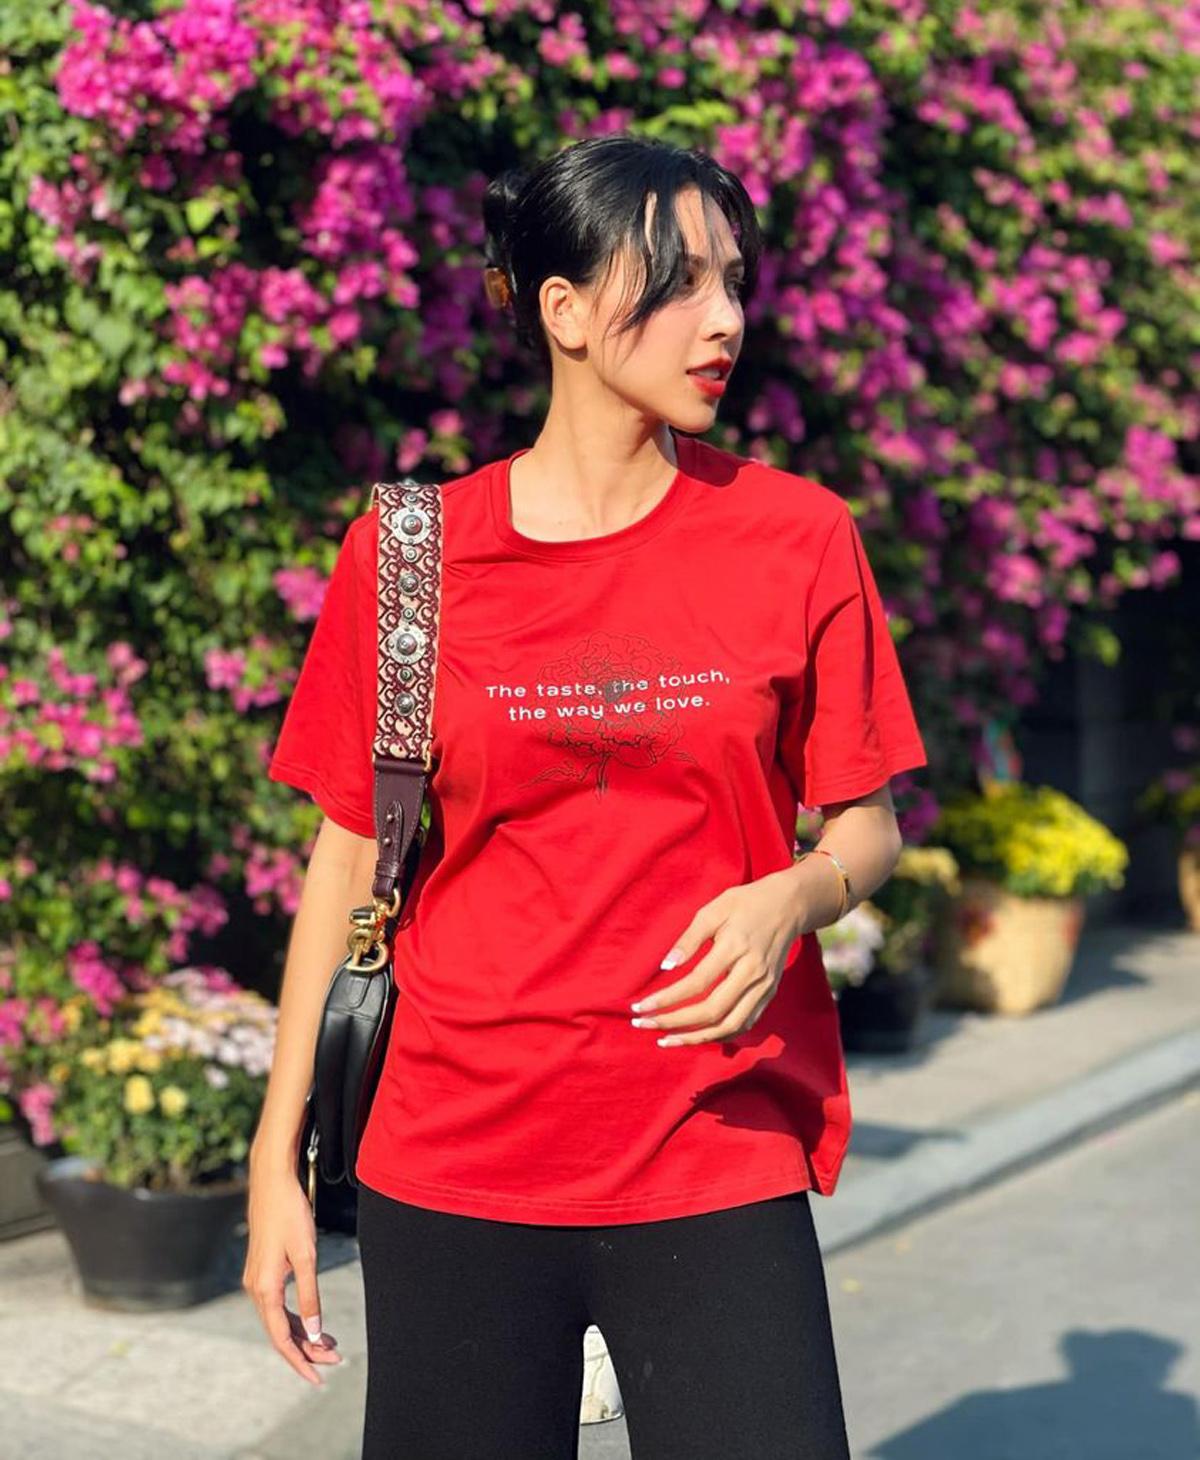 Minh Triệu diện chiếc áo phông thuộc thương hiệu do cô sáng lập. Sắc đỏ rực rỡ giúp siêu mẫu lên đồ đơn giản nhưng vẫn nổi bật trên phố.